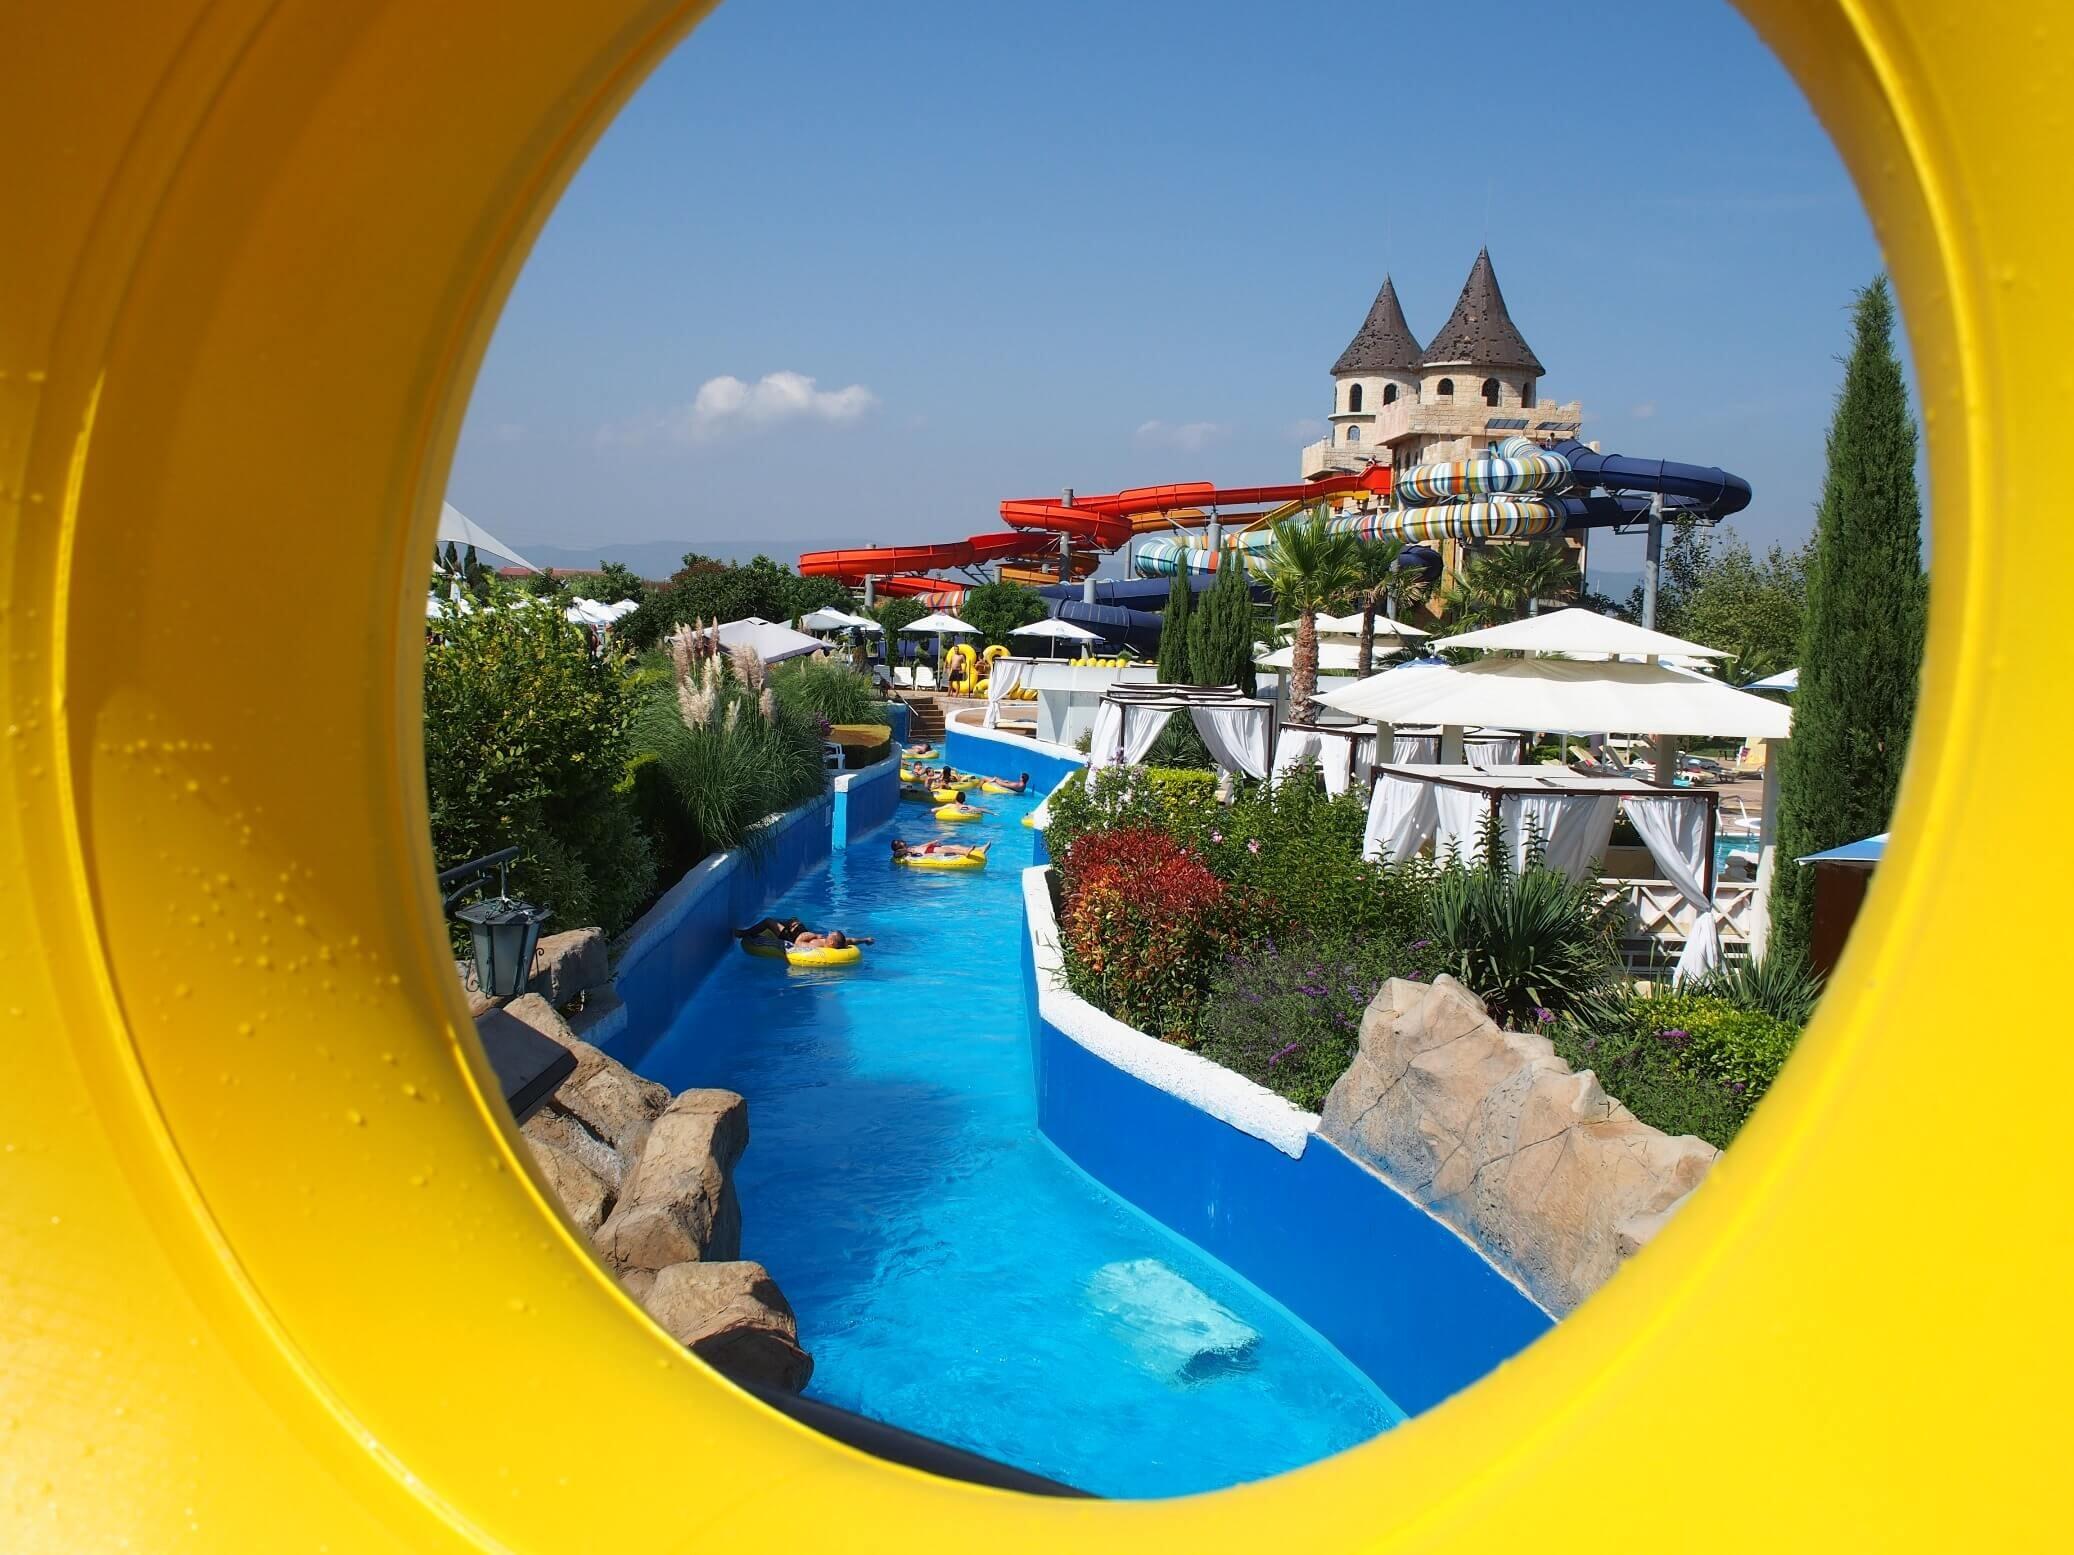 Аква Парадайз Ризорт - аквапарк